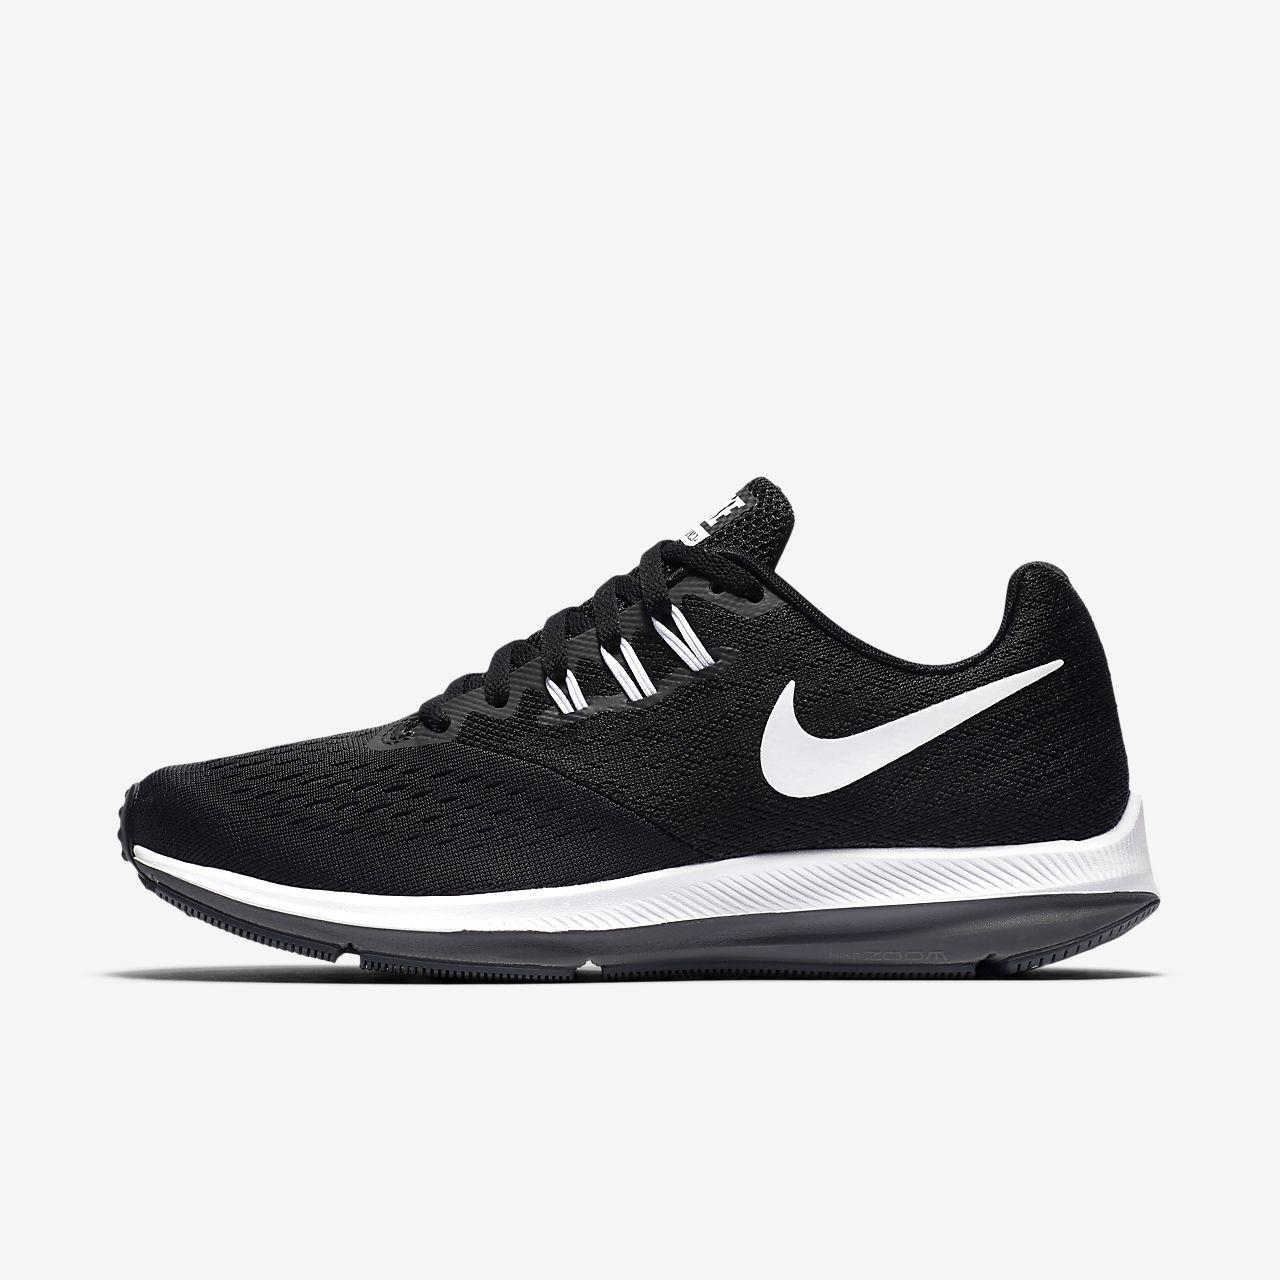 ... Nike Zoom Winflo 4 Kadın Koşu Ayakkabısı